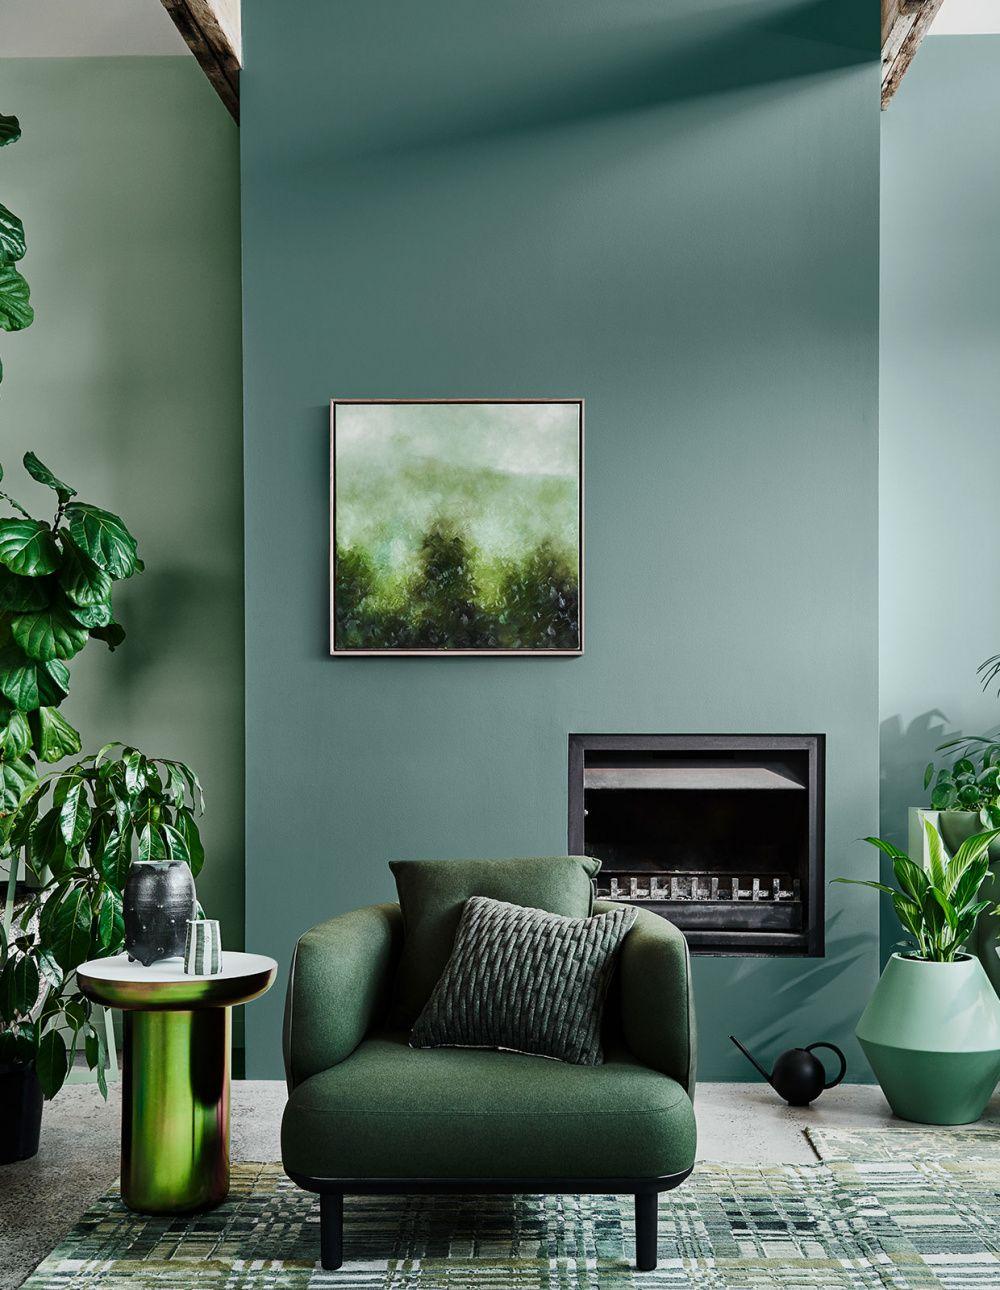 مکمل رنگ سبز در دکوراسیون